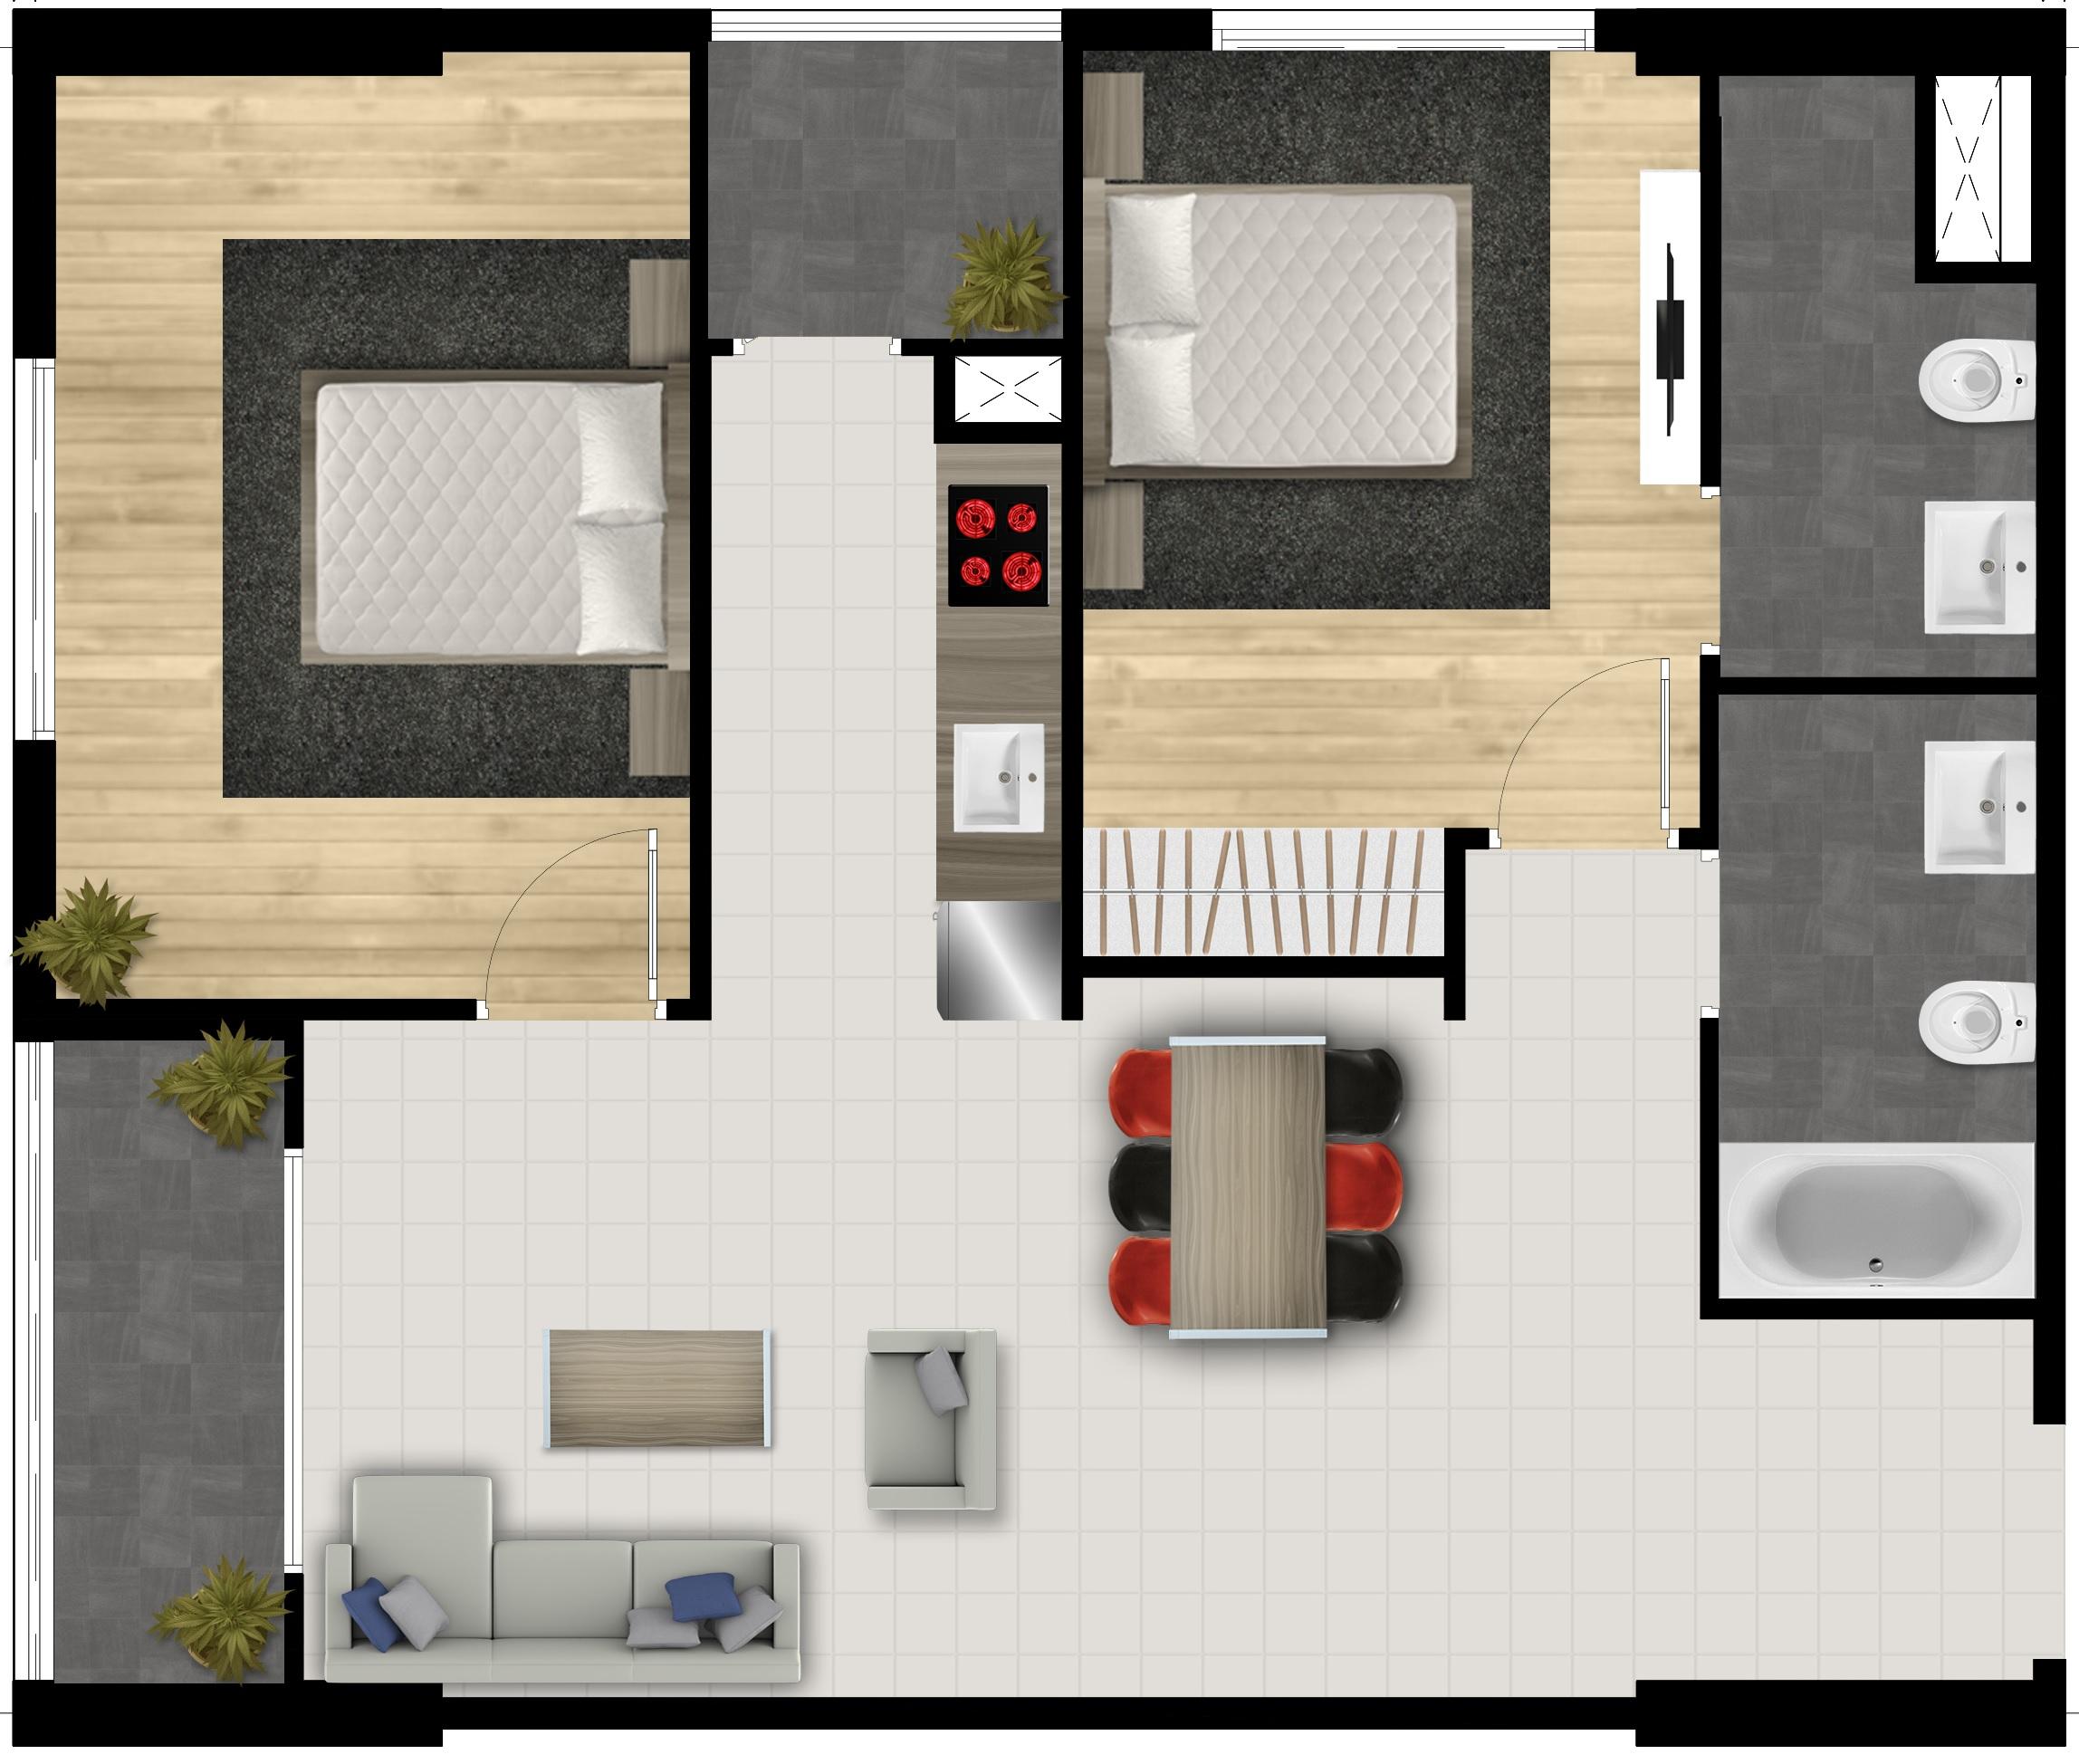 Căn 2 phòng ngủ - FPT Plaza 1 FPT City Đà Nẵng